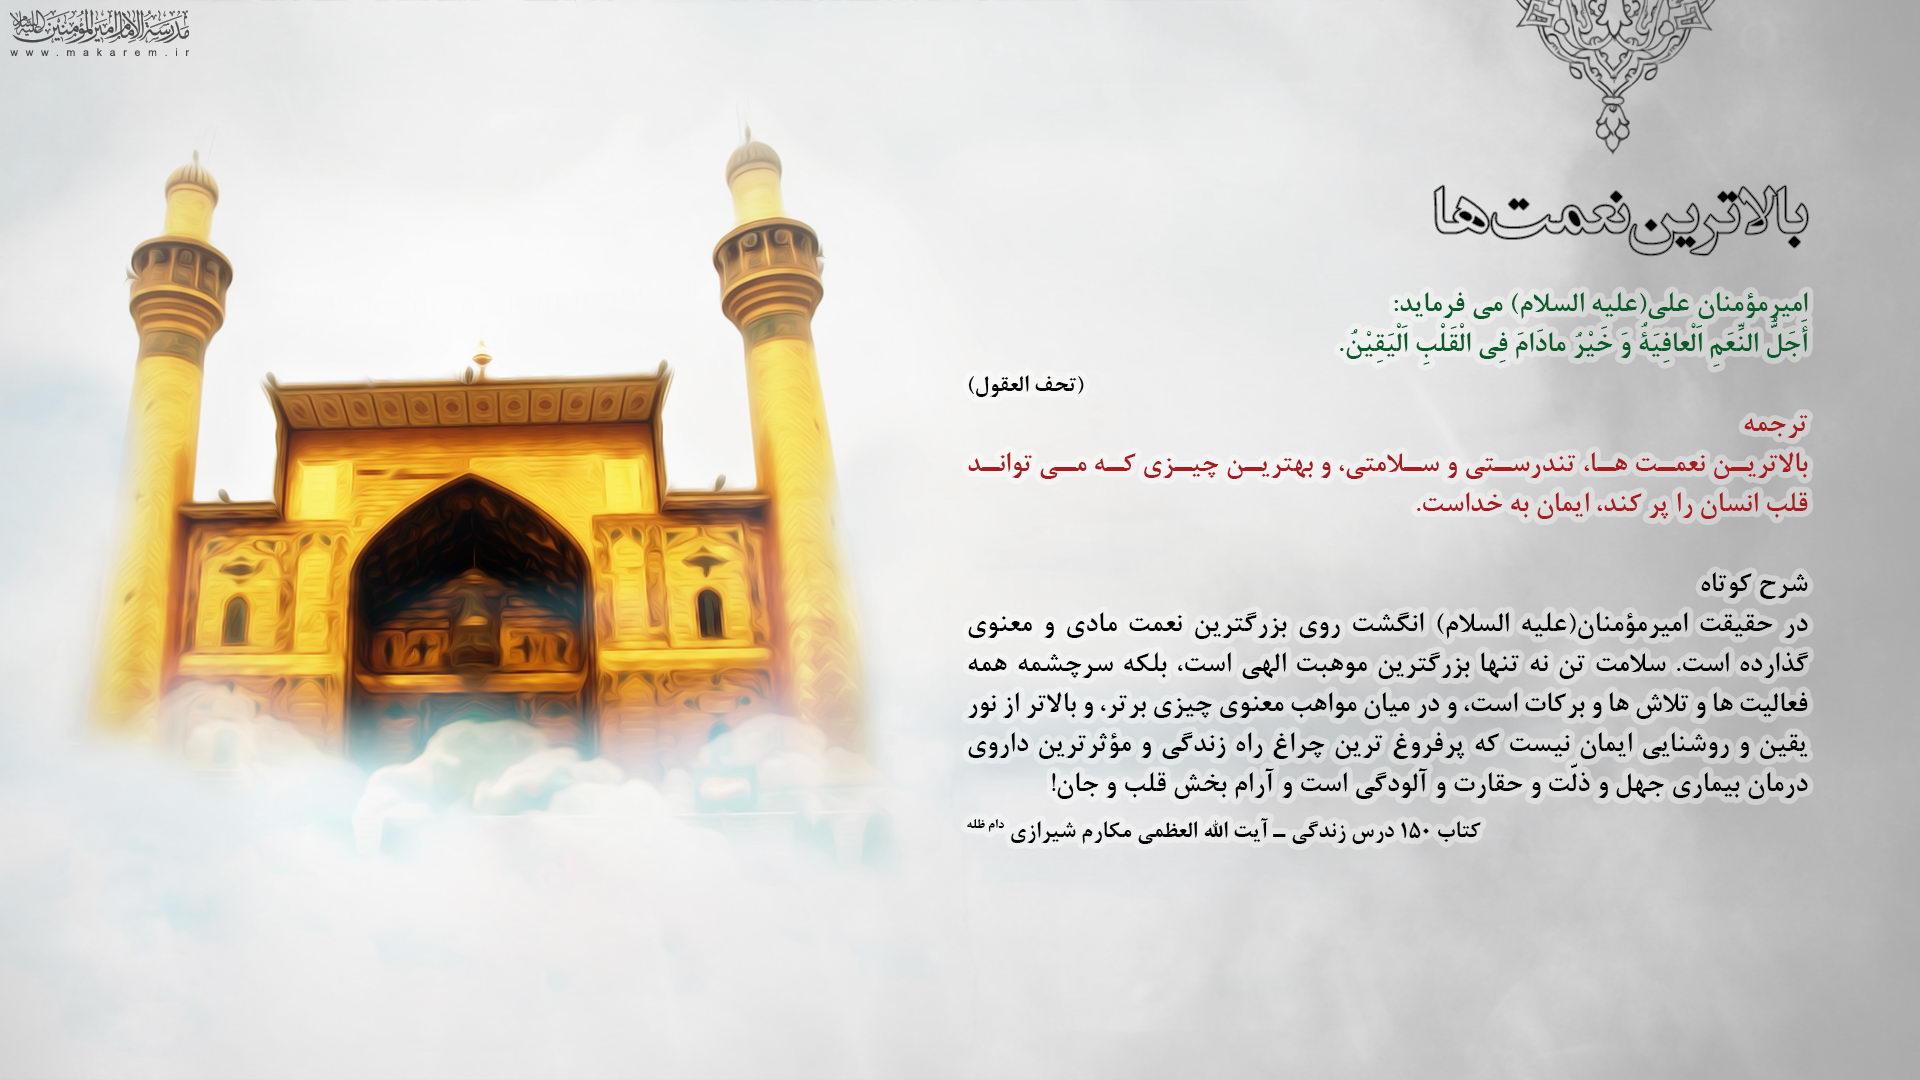 بالاترین نعمت ها-مدرسه الامام امیر المومنین (ع)